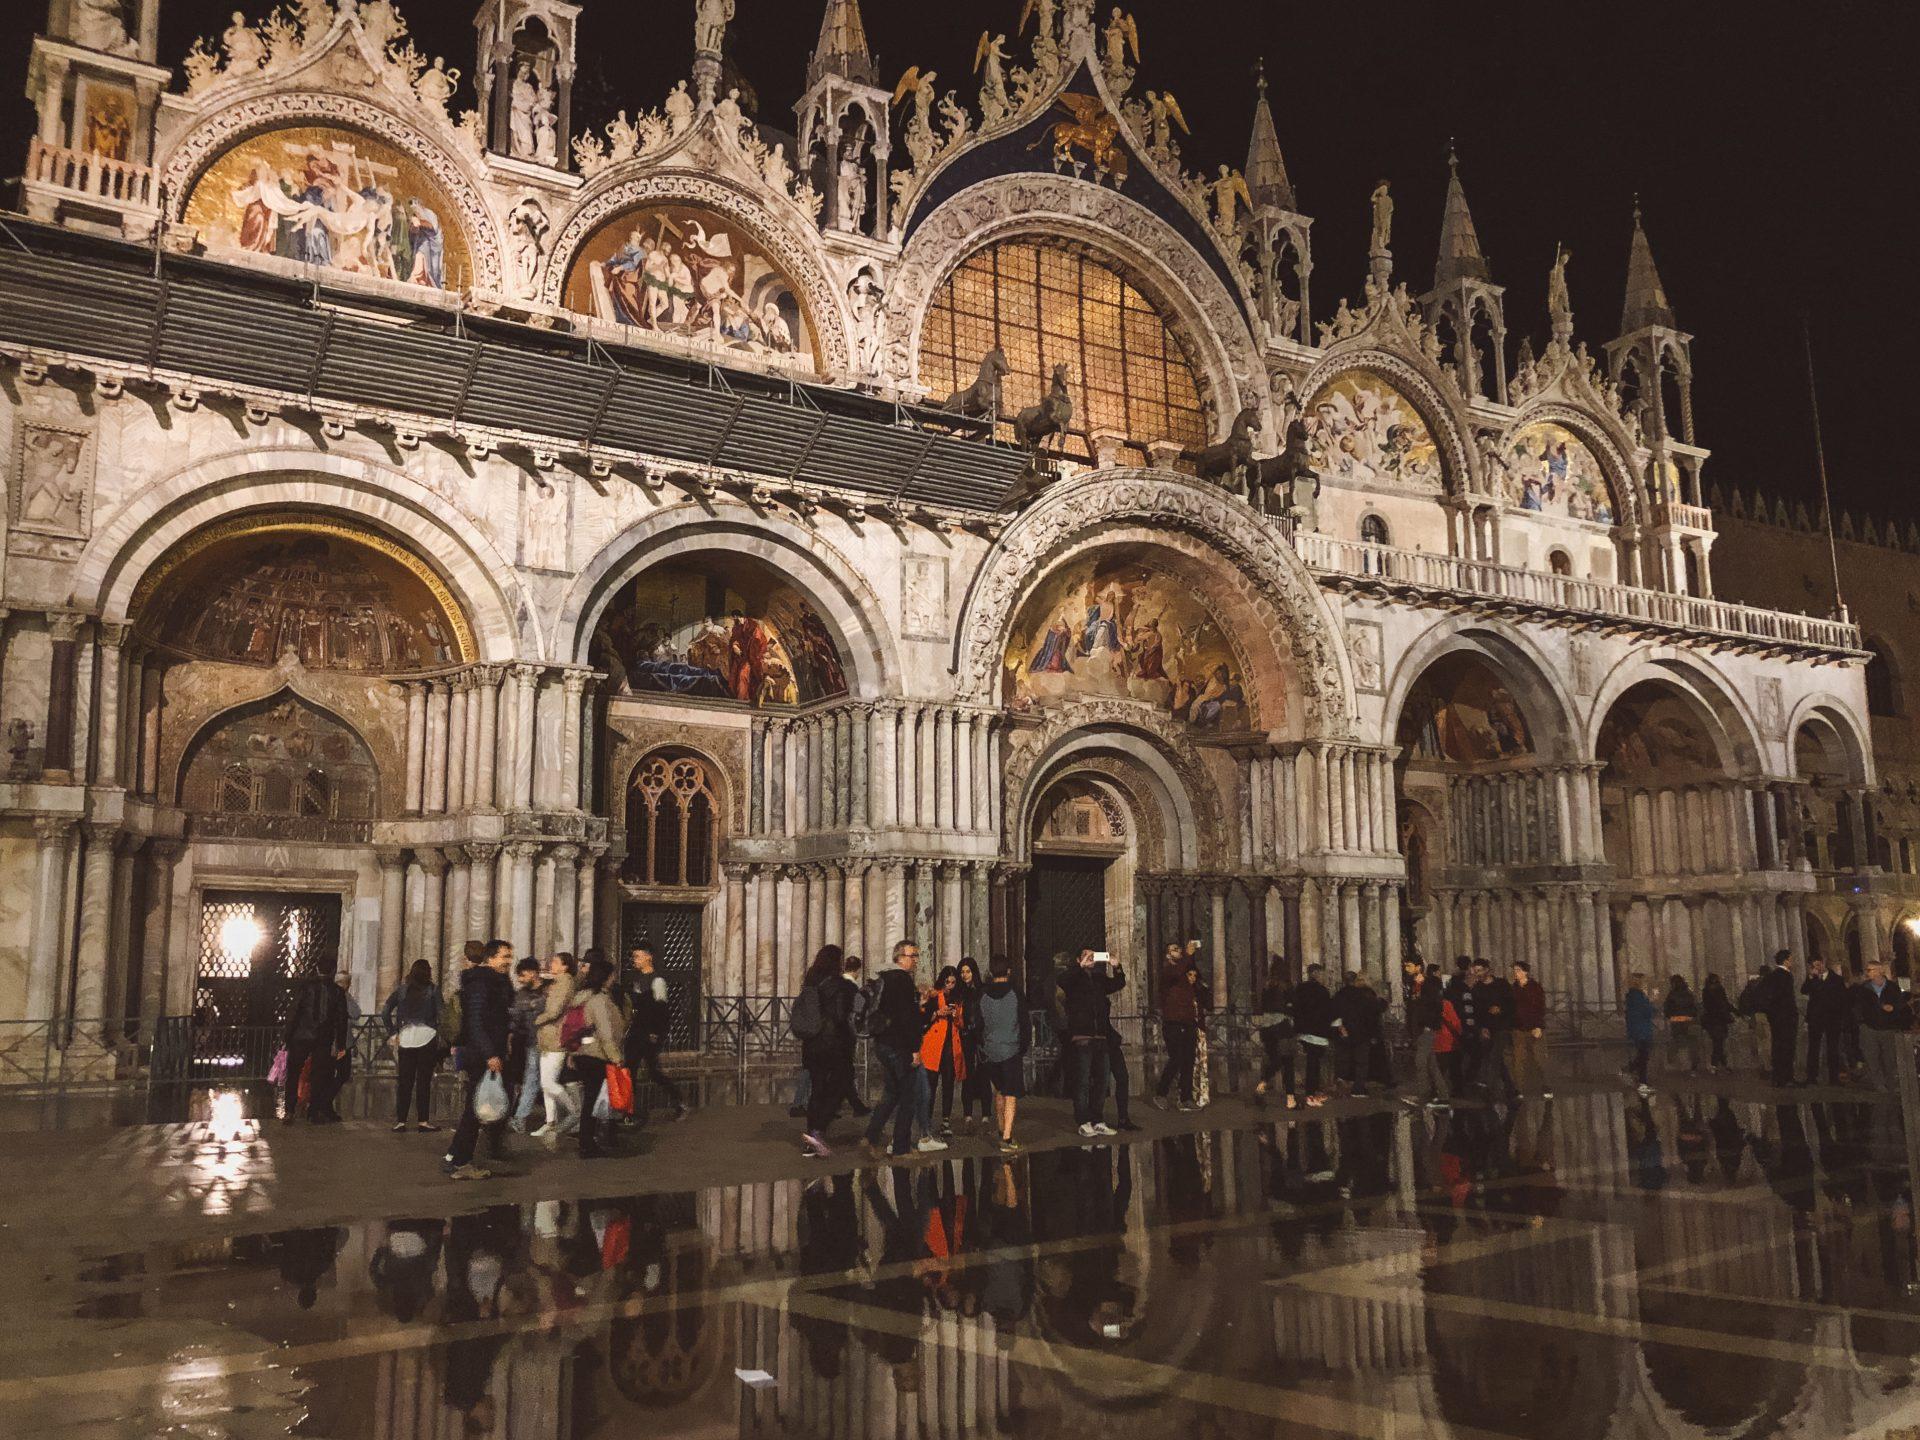 Visitar la Basílica Santa Maria della Salute